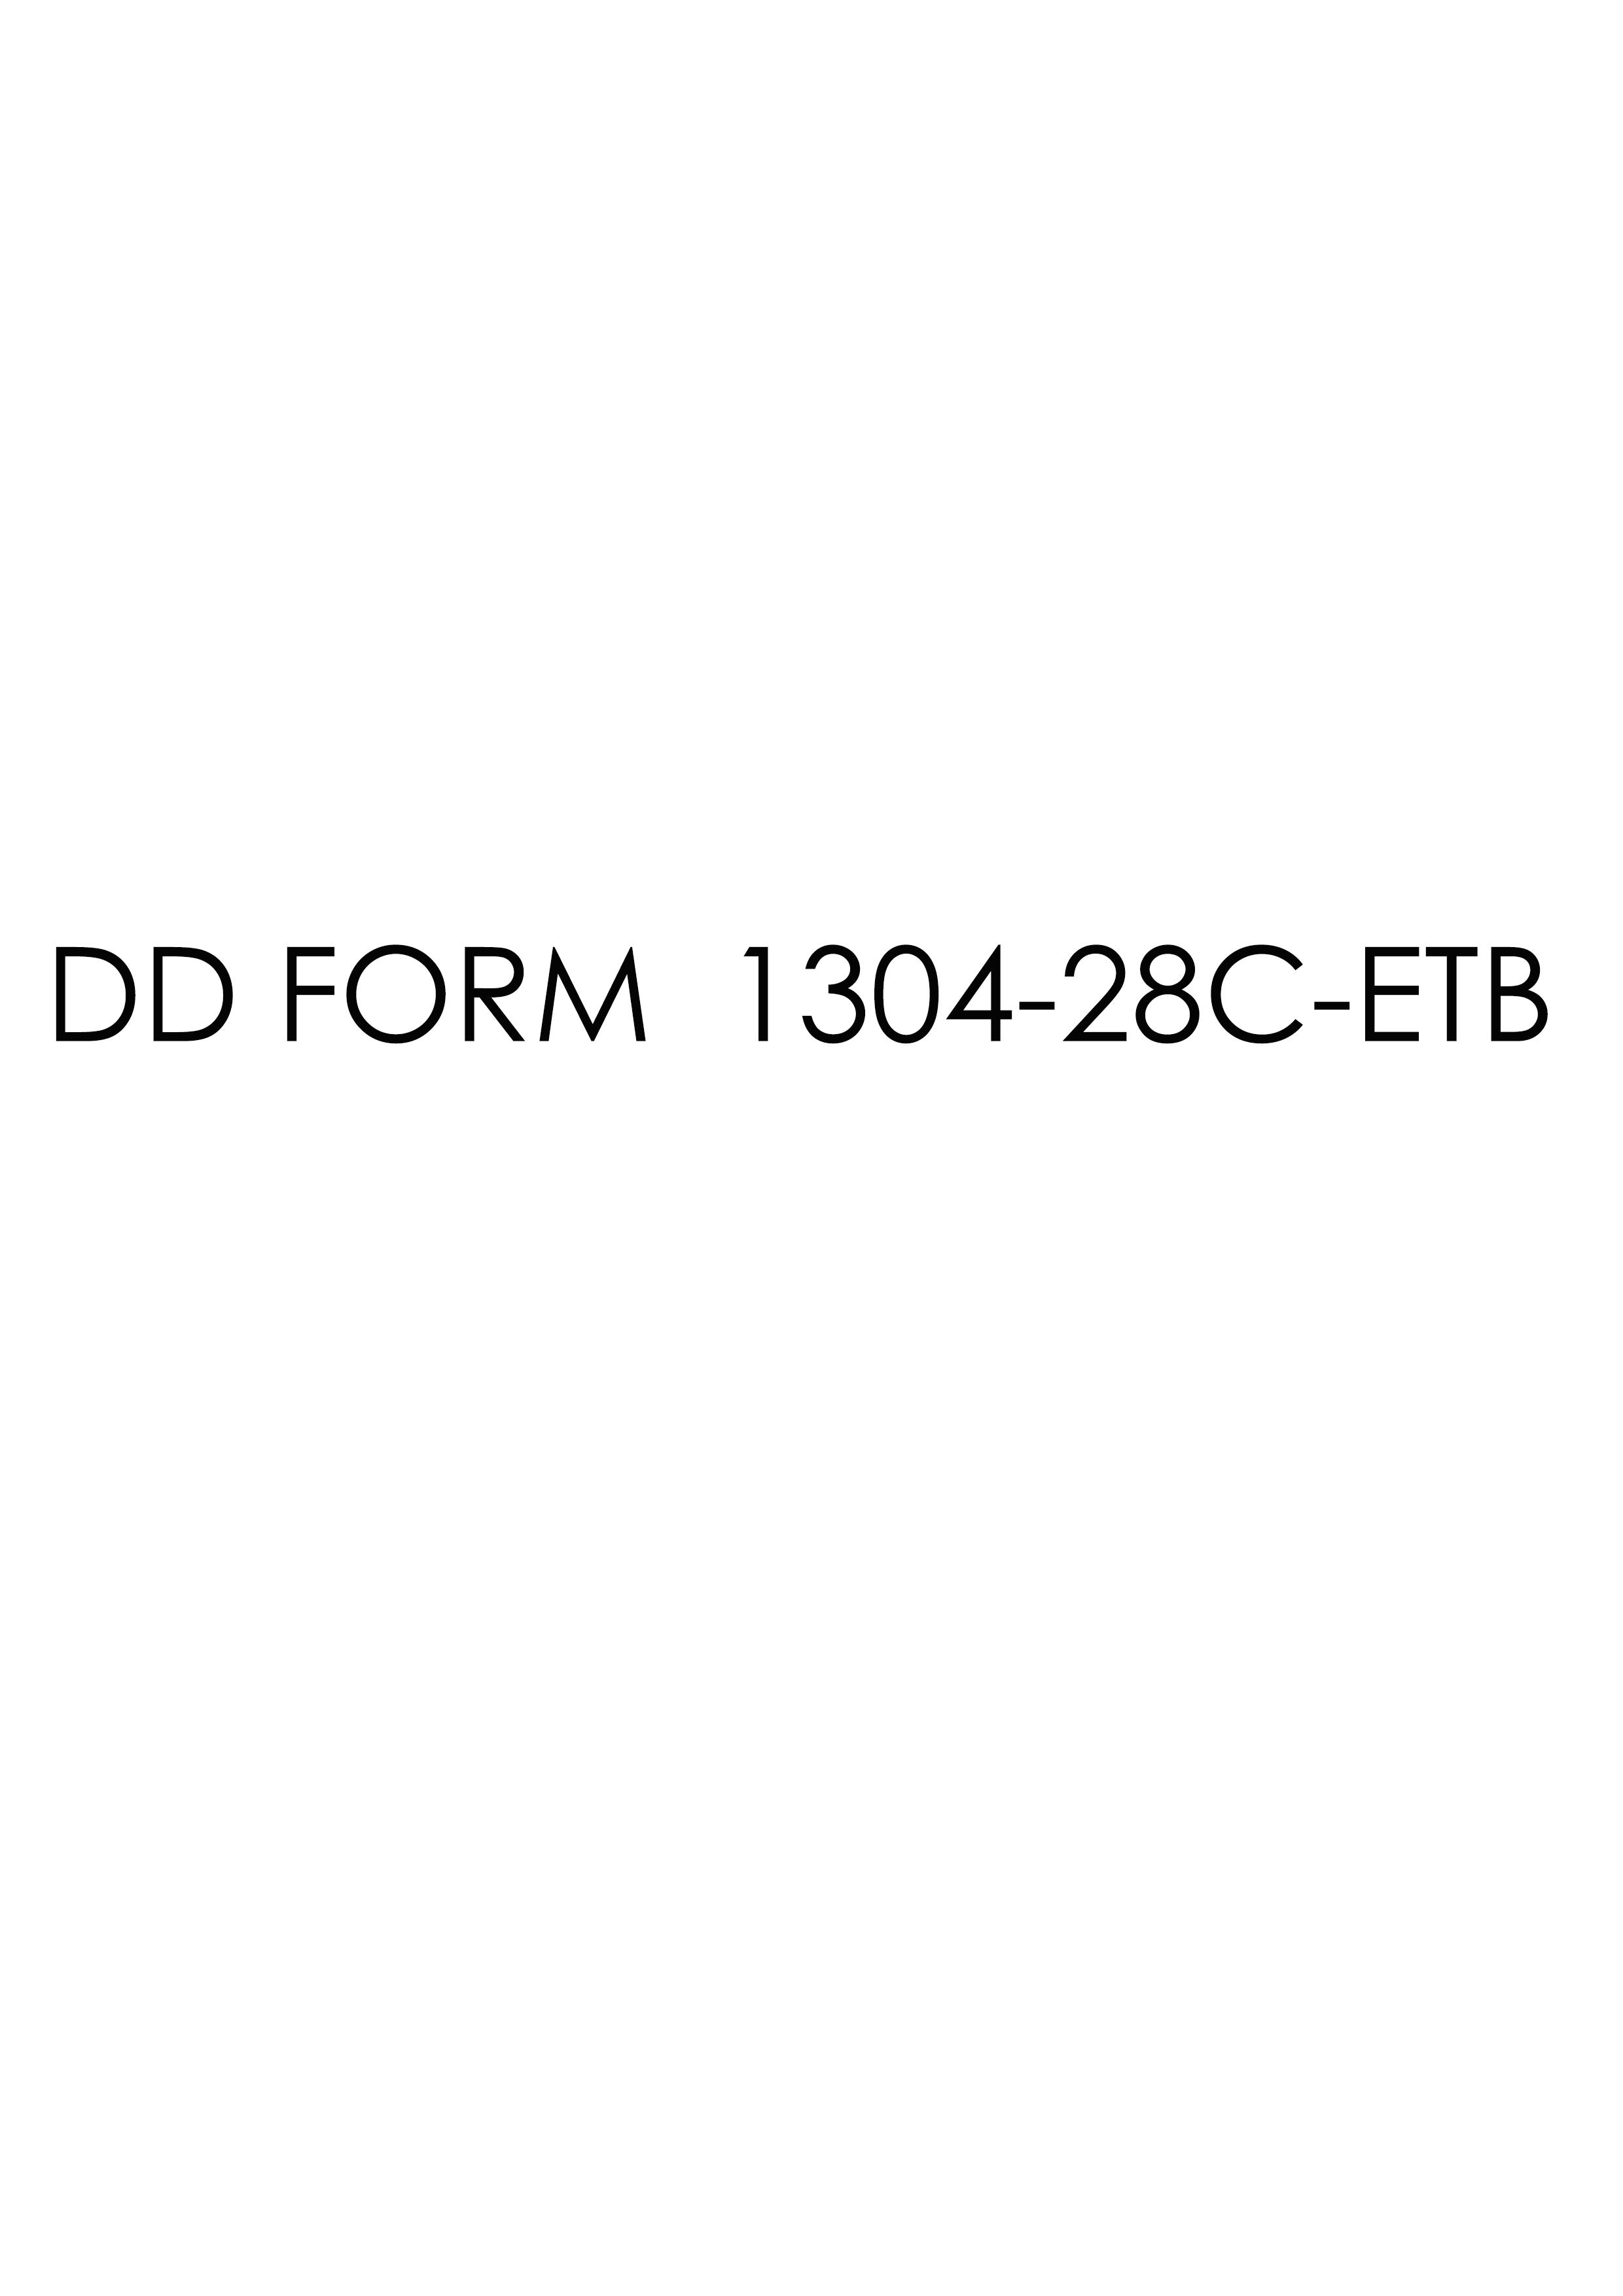 Download dd Form 1304-28C-ETB Free